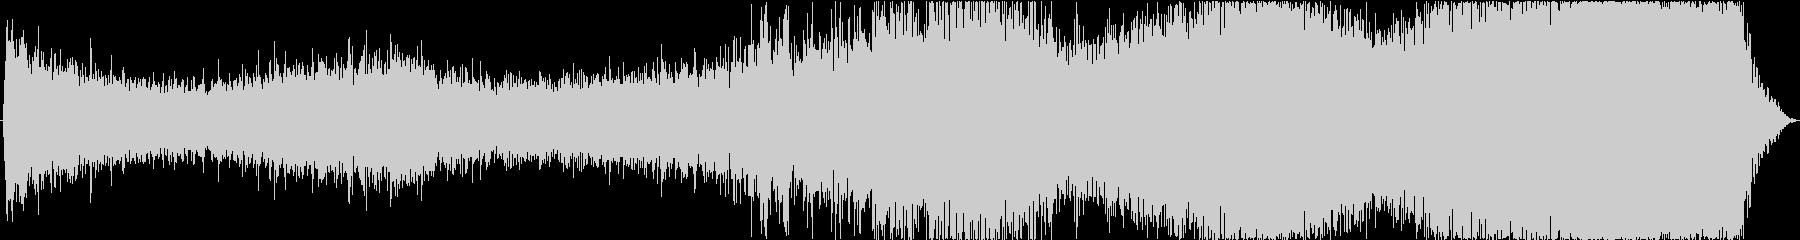 ドローン ガイガーカウンター01の未再生の波形